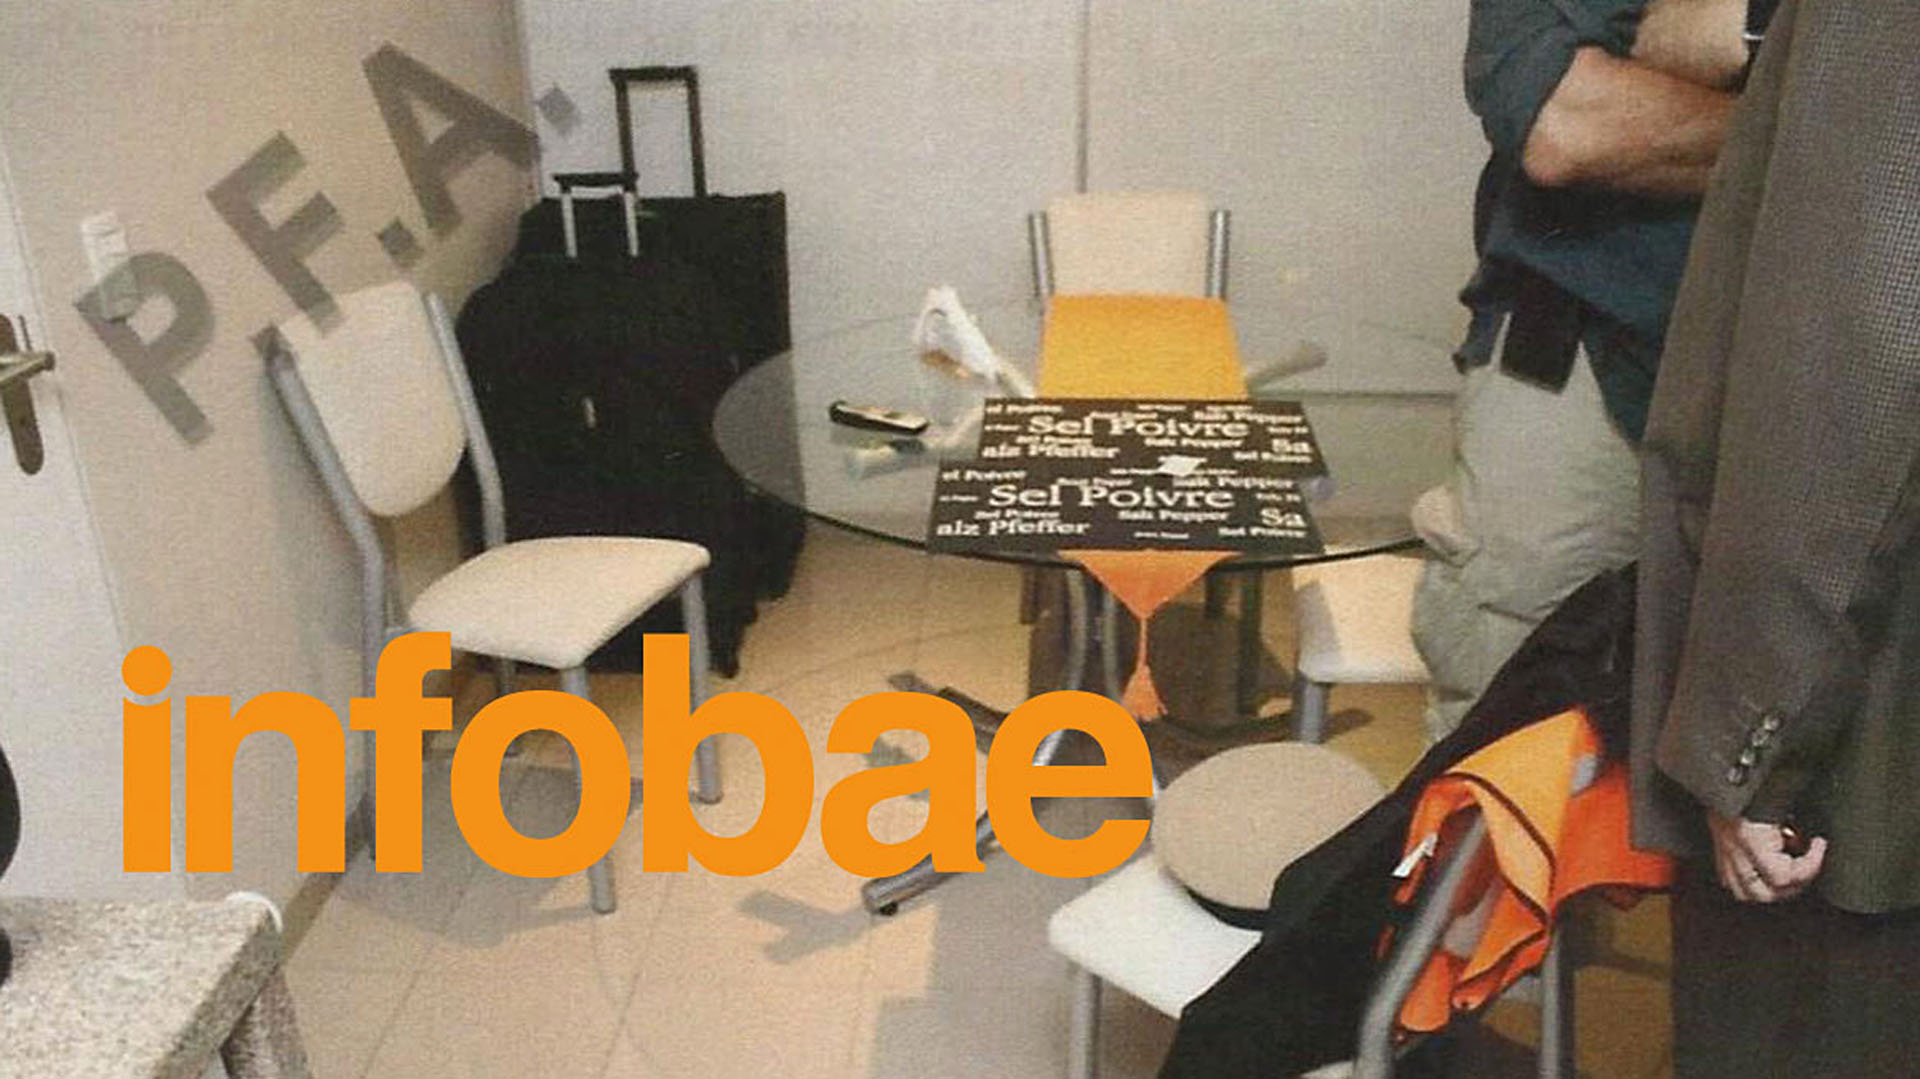 Un chaleco y un gorro de Prefectura sobre la mesa de la cocina(Infobae)